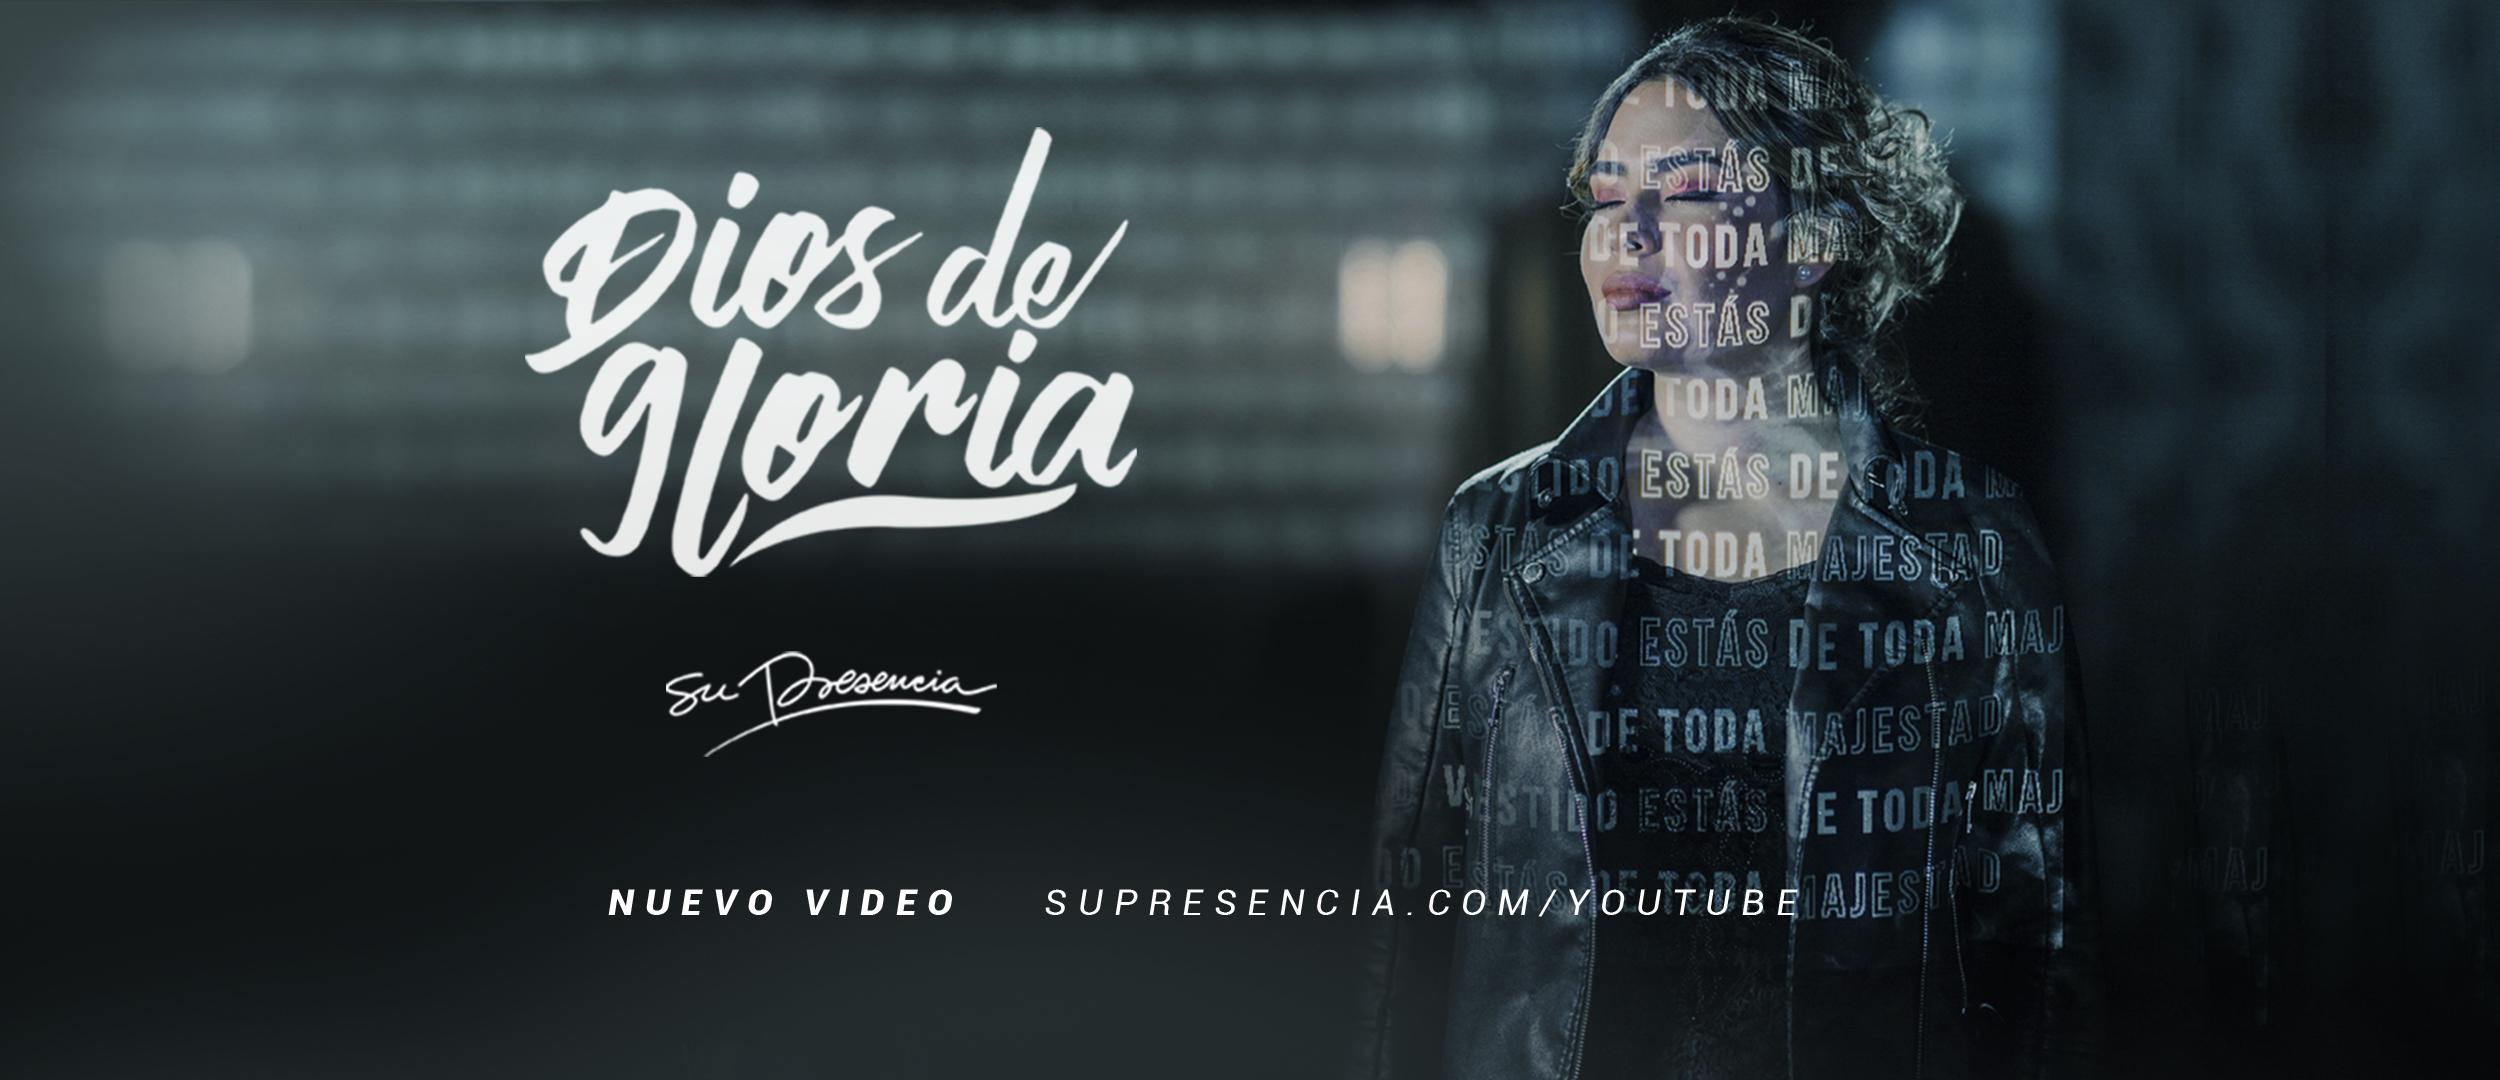 Dios de Gloria nuevo vídeo